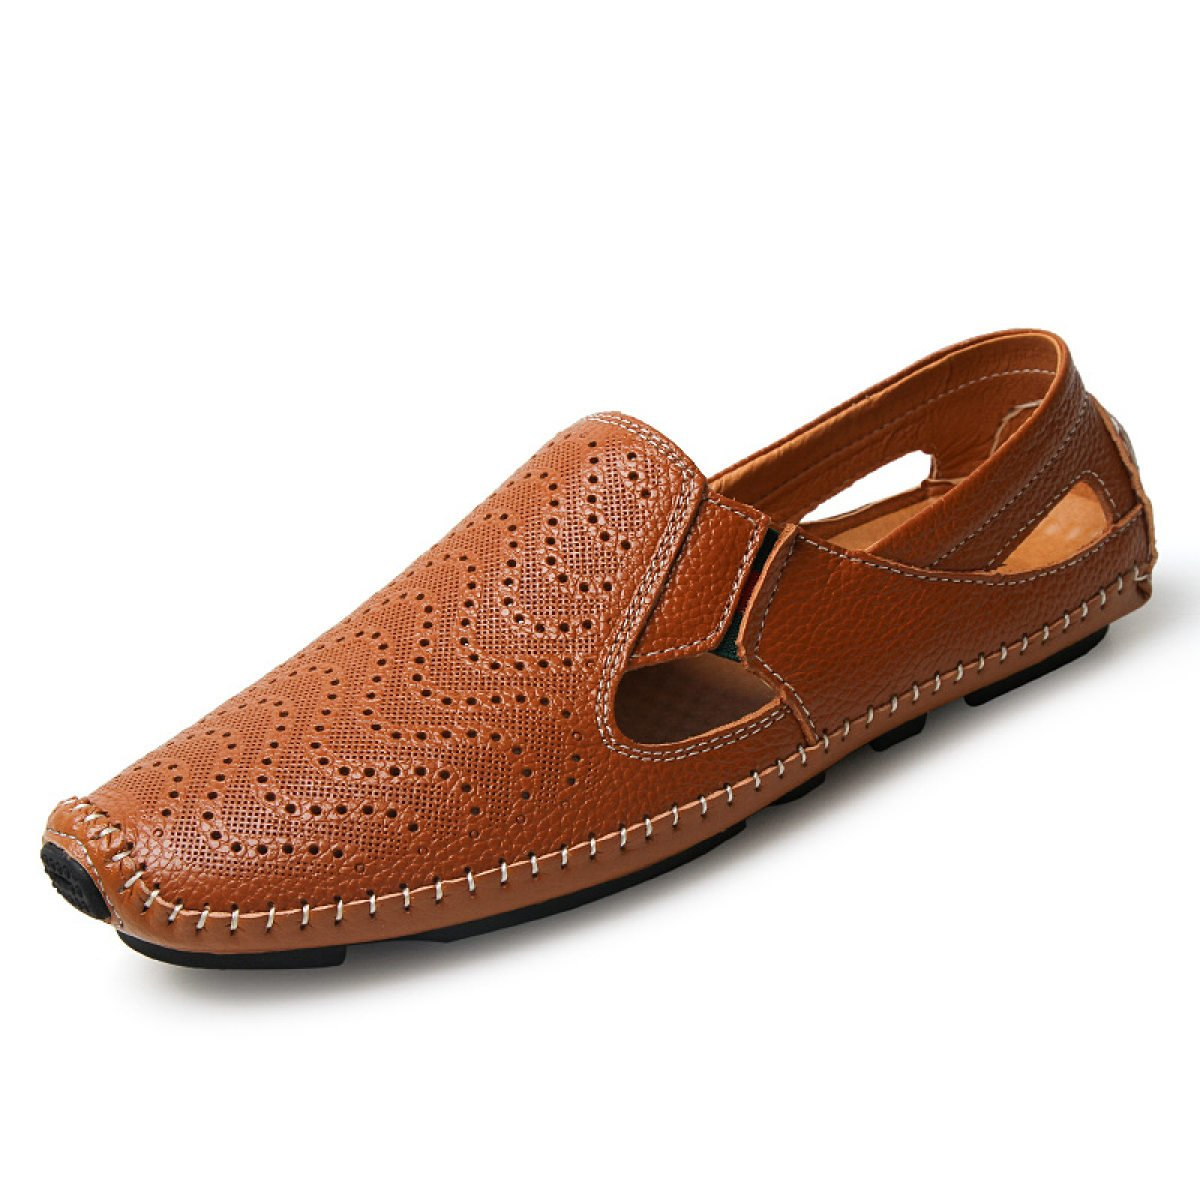 LXXAMens Verano Playa Cuero Real Sandalias De Secado Rápido Zapatos De Trekking Zapatillas De Atletismo,Brown-47EU 47EU Brown